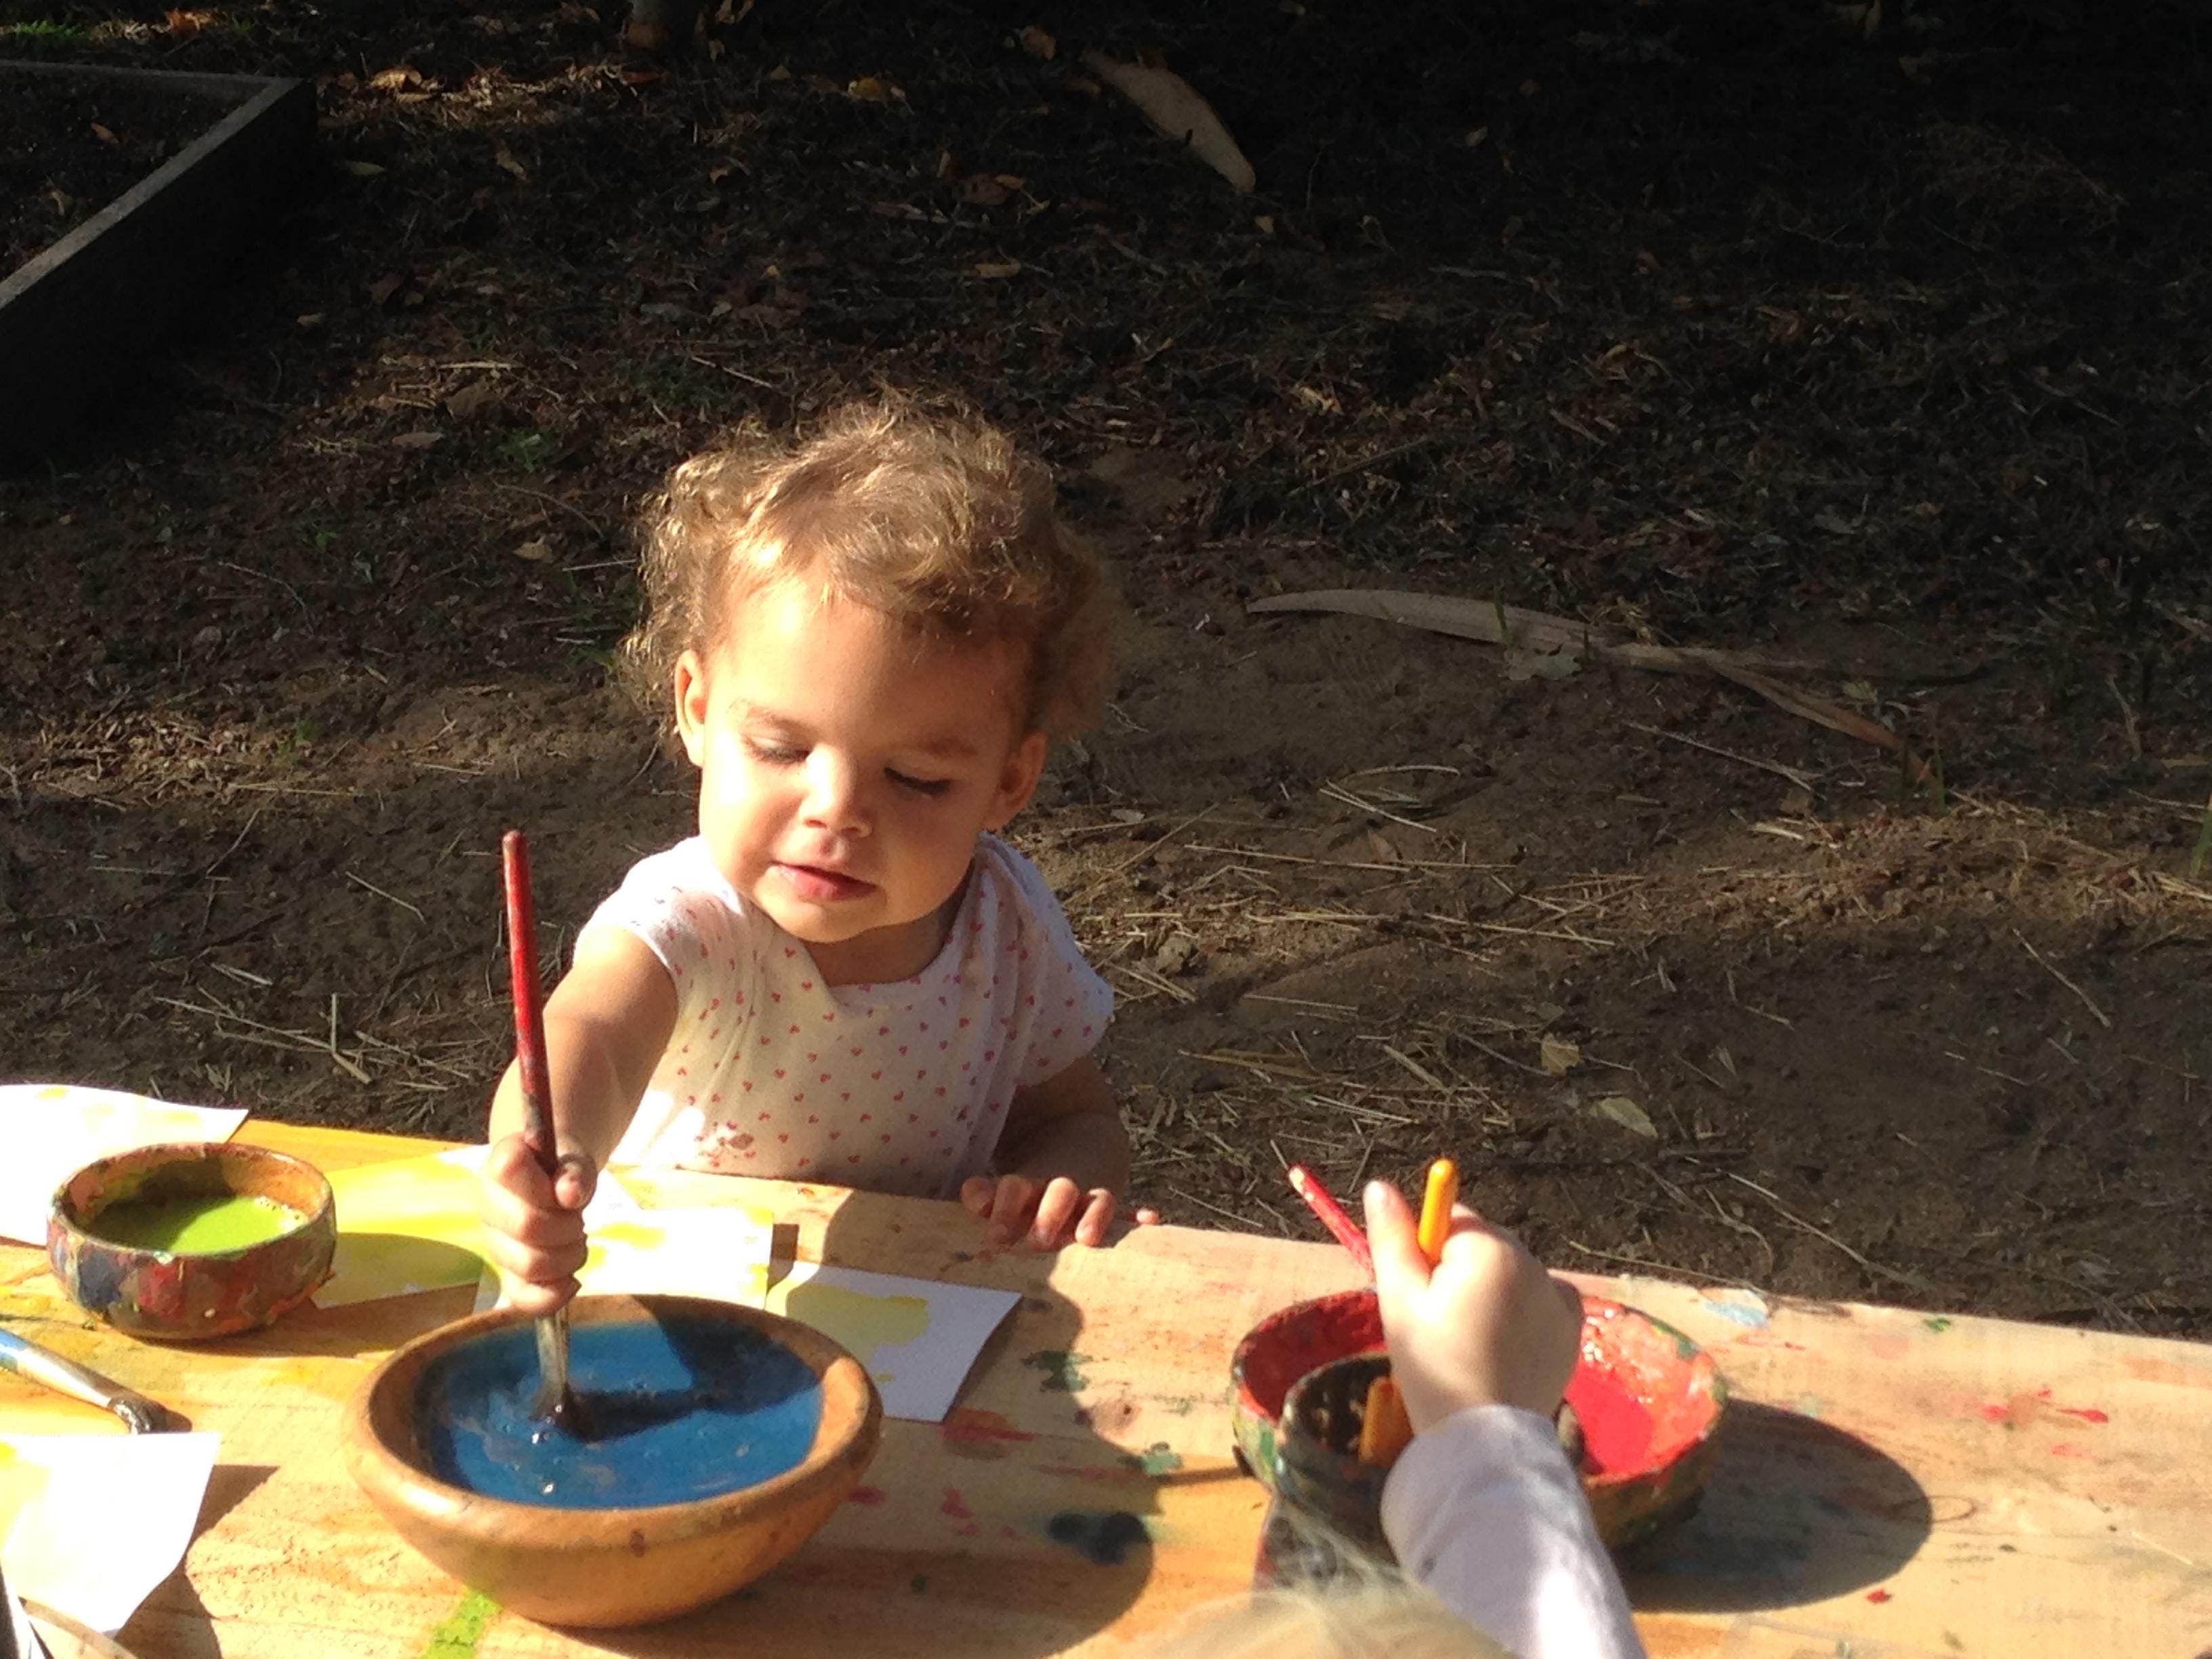 preschool  Buy Kids Paint Non-toxic, Eco-friendly Paints Safer